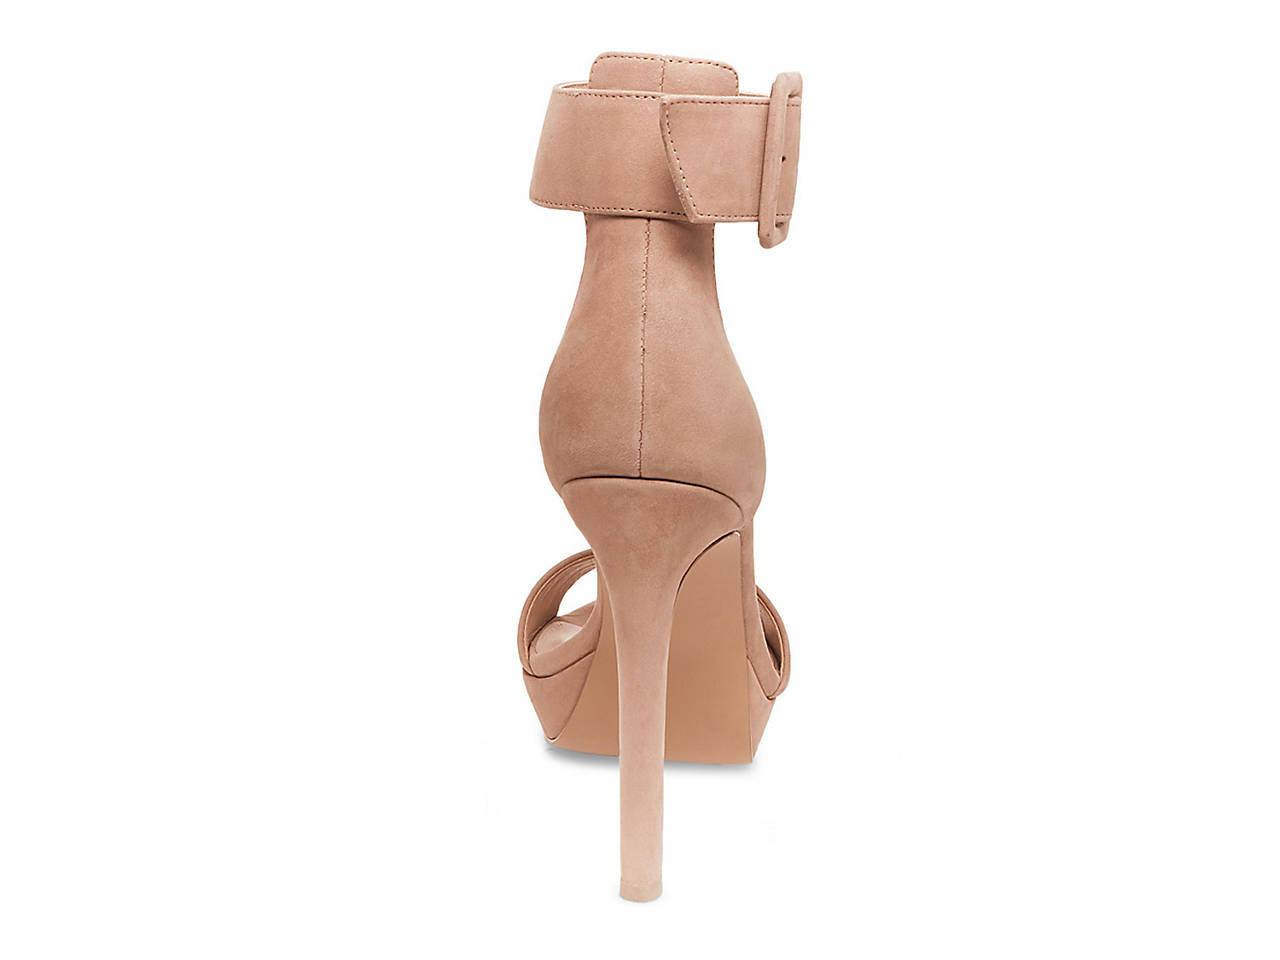 d2bafe8811539 Home · Women's Shoes · Sandals; Circuit Sandal. previous